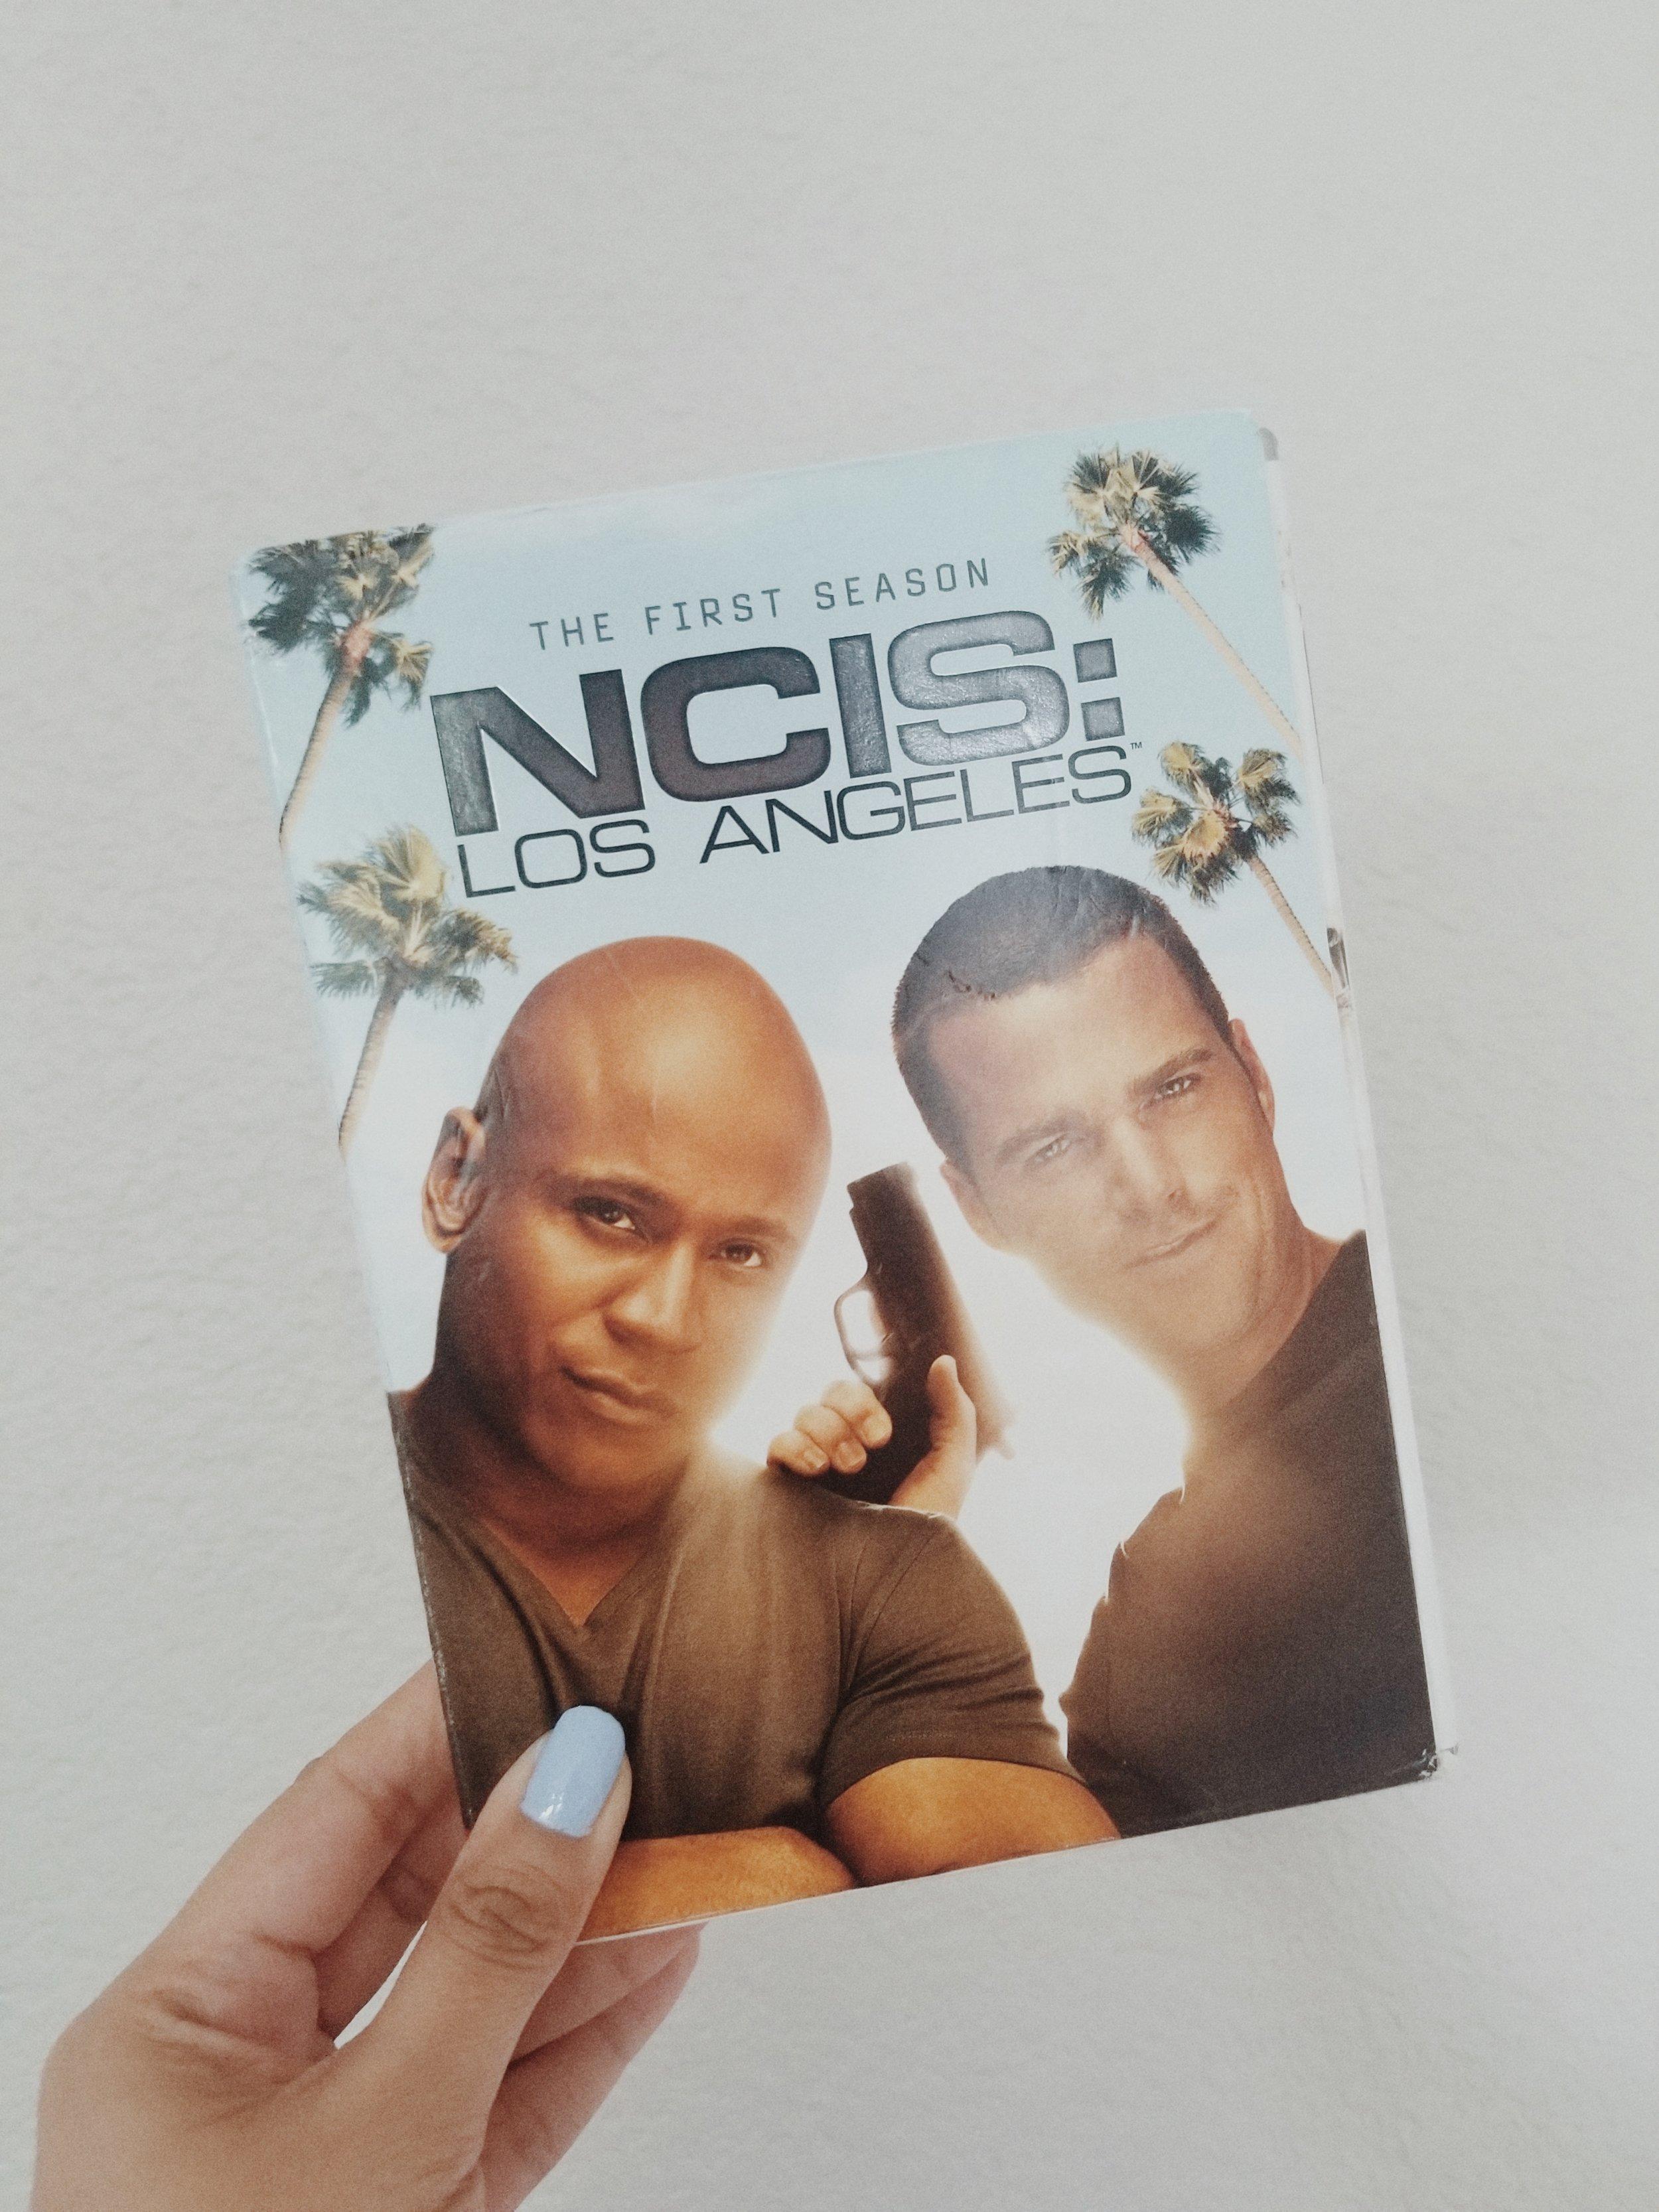 ULTIMATE BINGE-WATCH - NCIS: LOS ANGELES